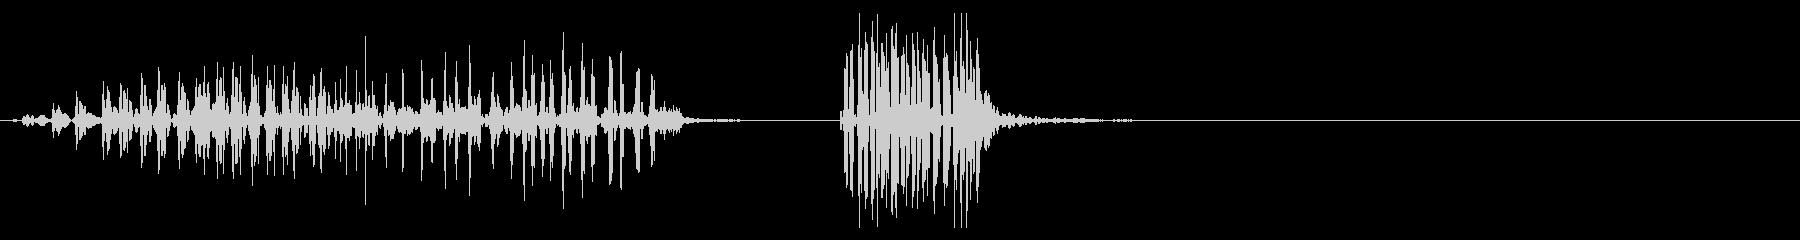 ジャー!ファスナー、チャックの音10の未再生の波形